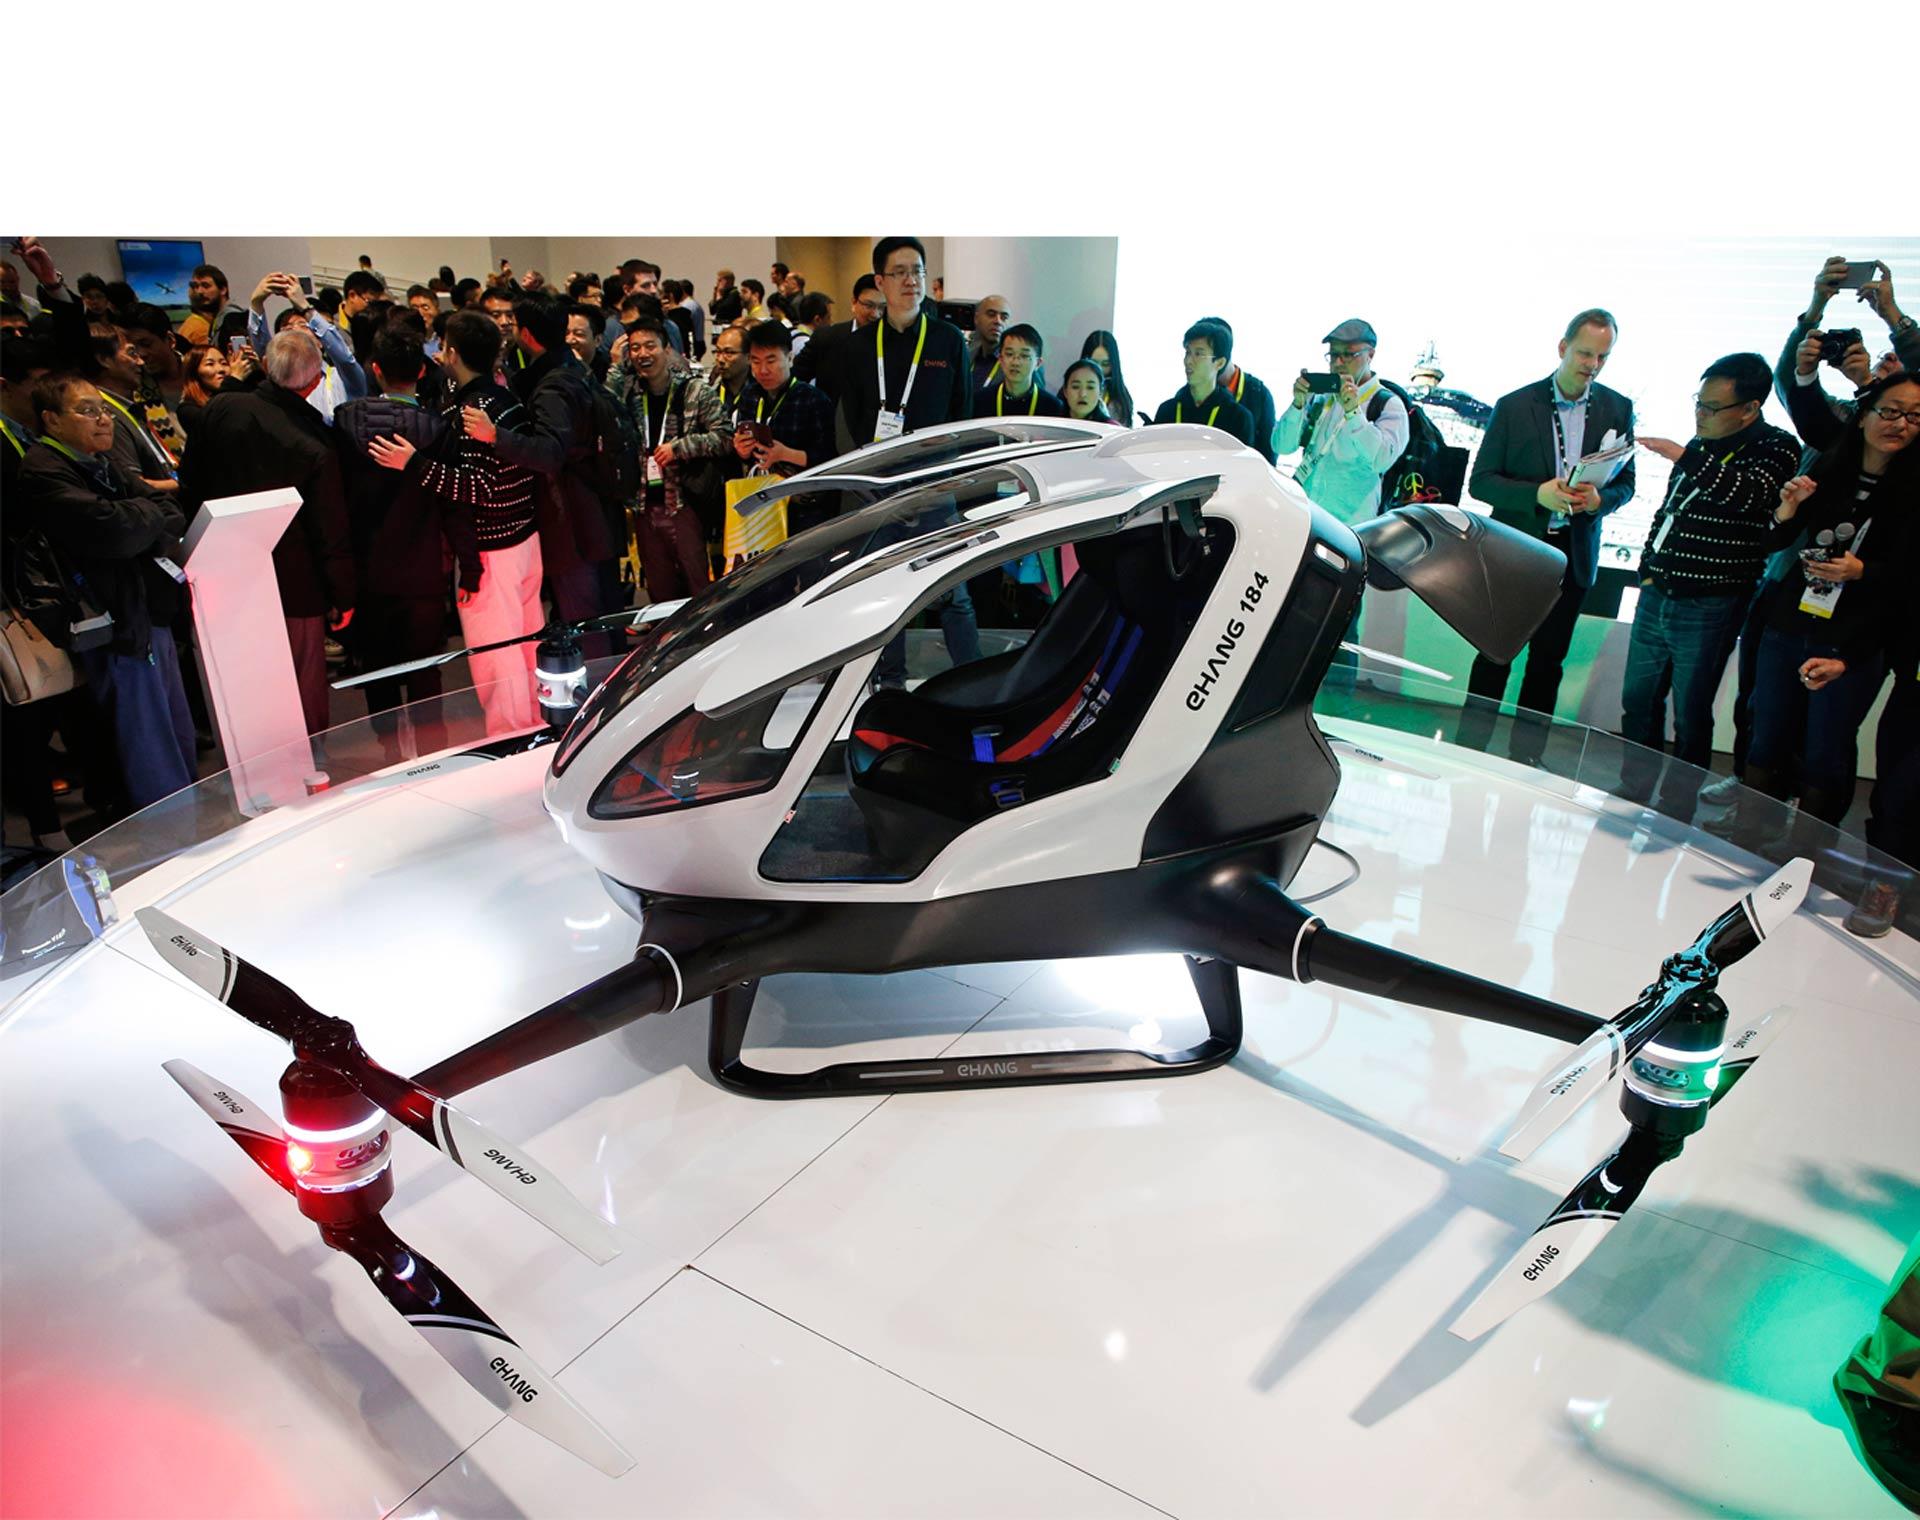 Un fabricante chino presentó uno de los primeros aparatos voladores de este tipo diseñado para transportar pasajeros